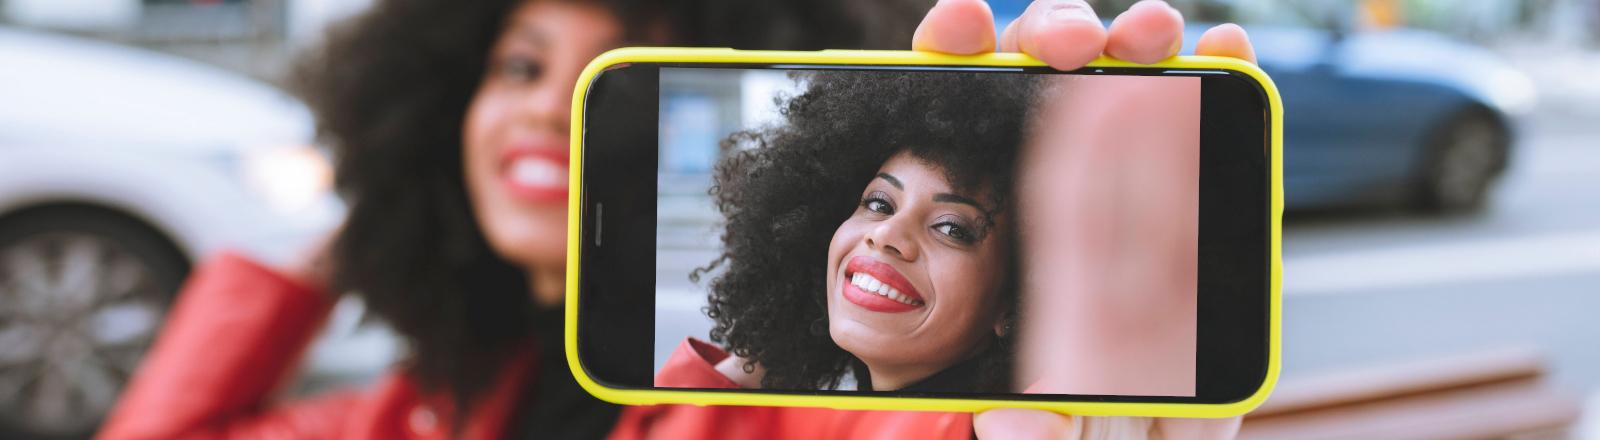 Eine junge Frau macht ein Handyfoto von sich selbst, man sieht sie nur durch den Handybildschirm